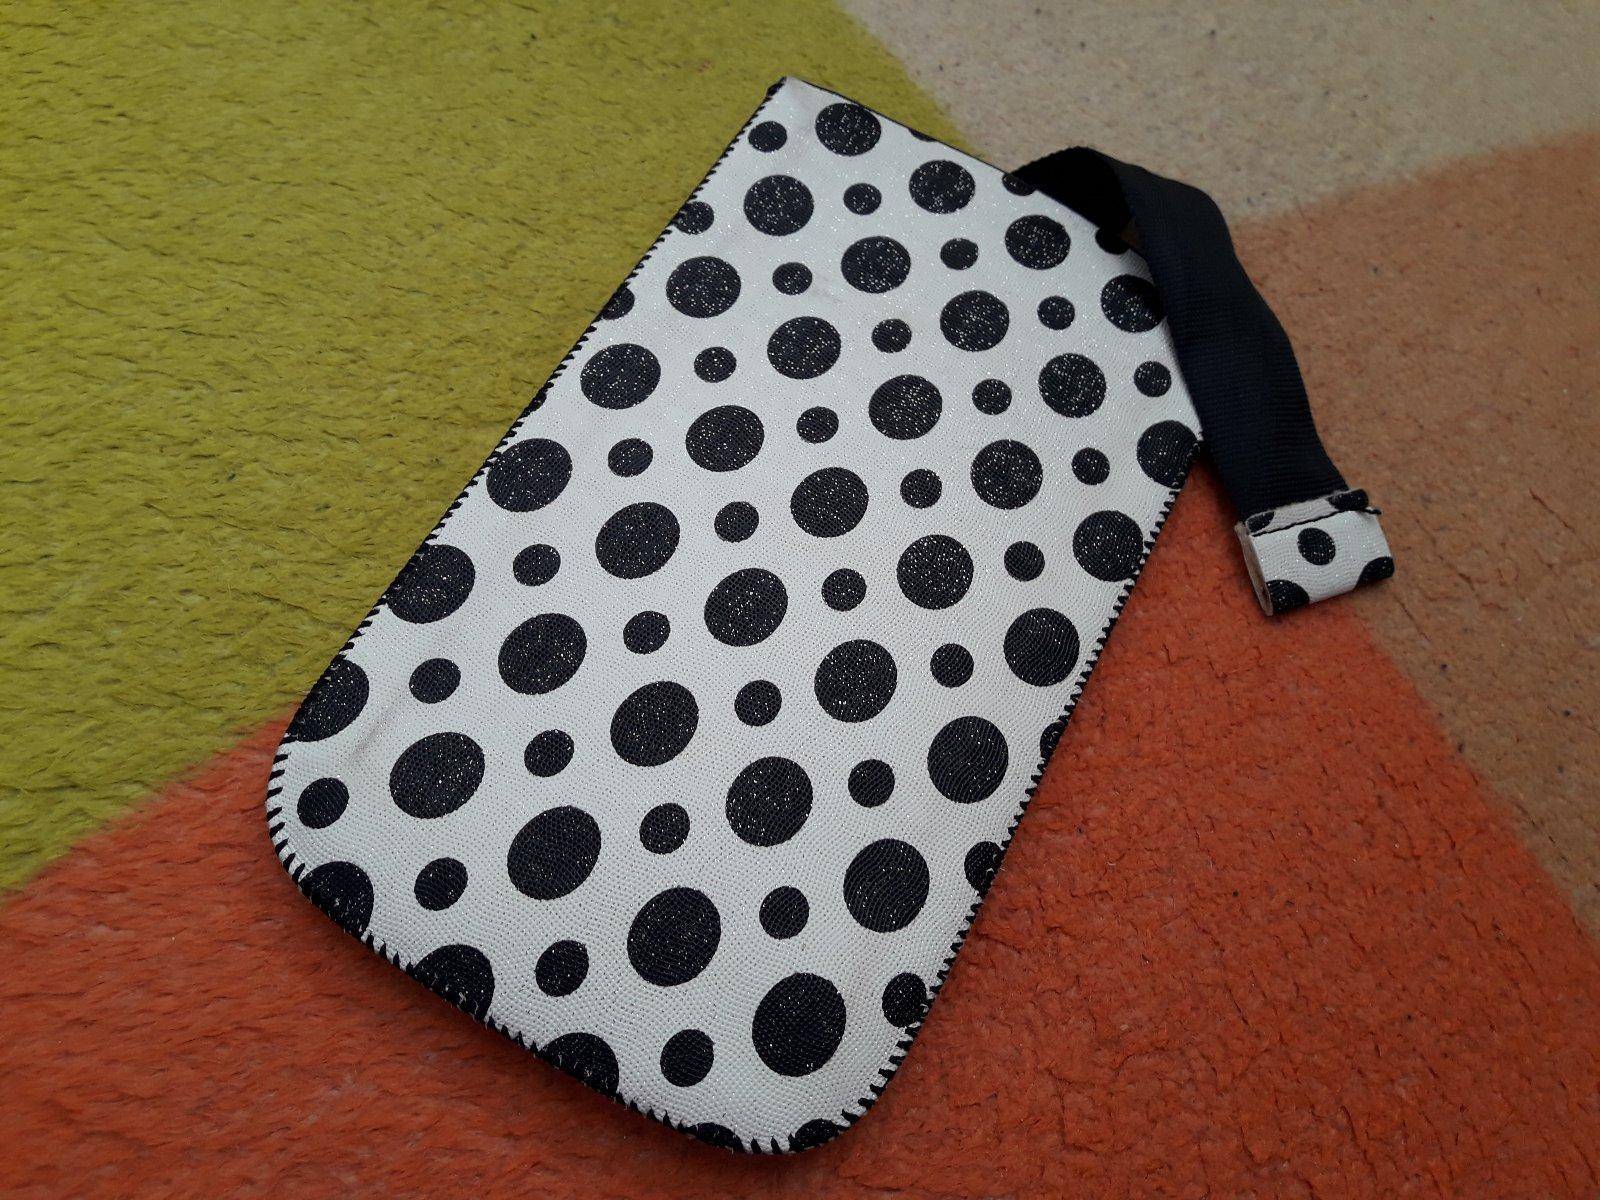 Puzdro na mobil - biely s čiernymi bodkami - Obrázok č. 1